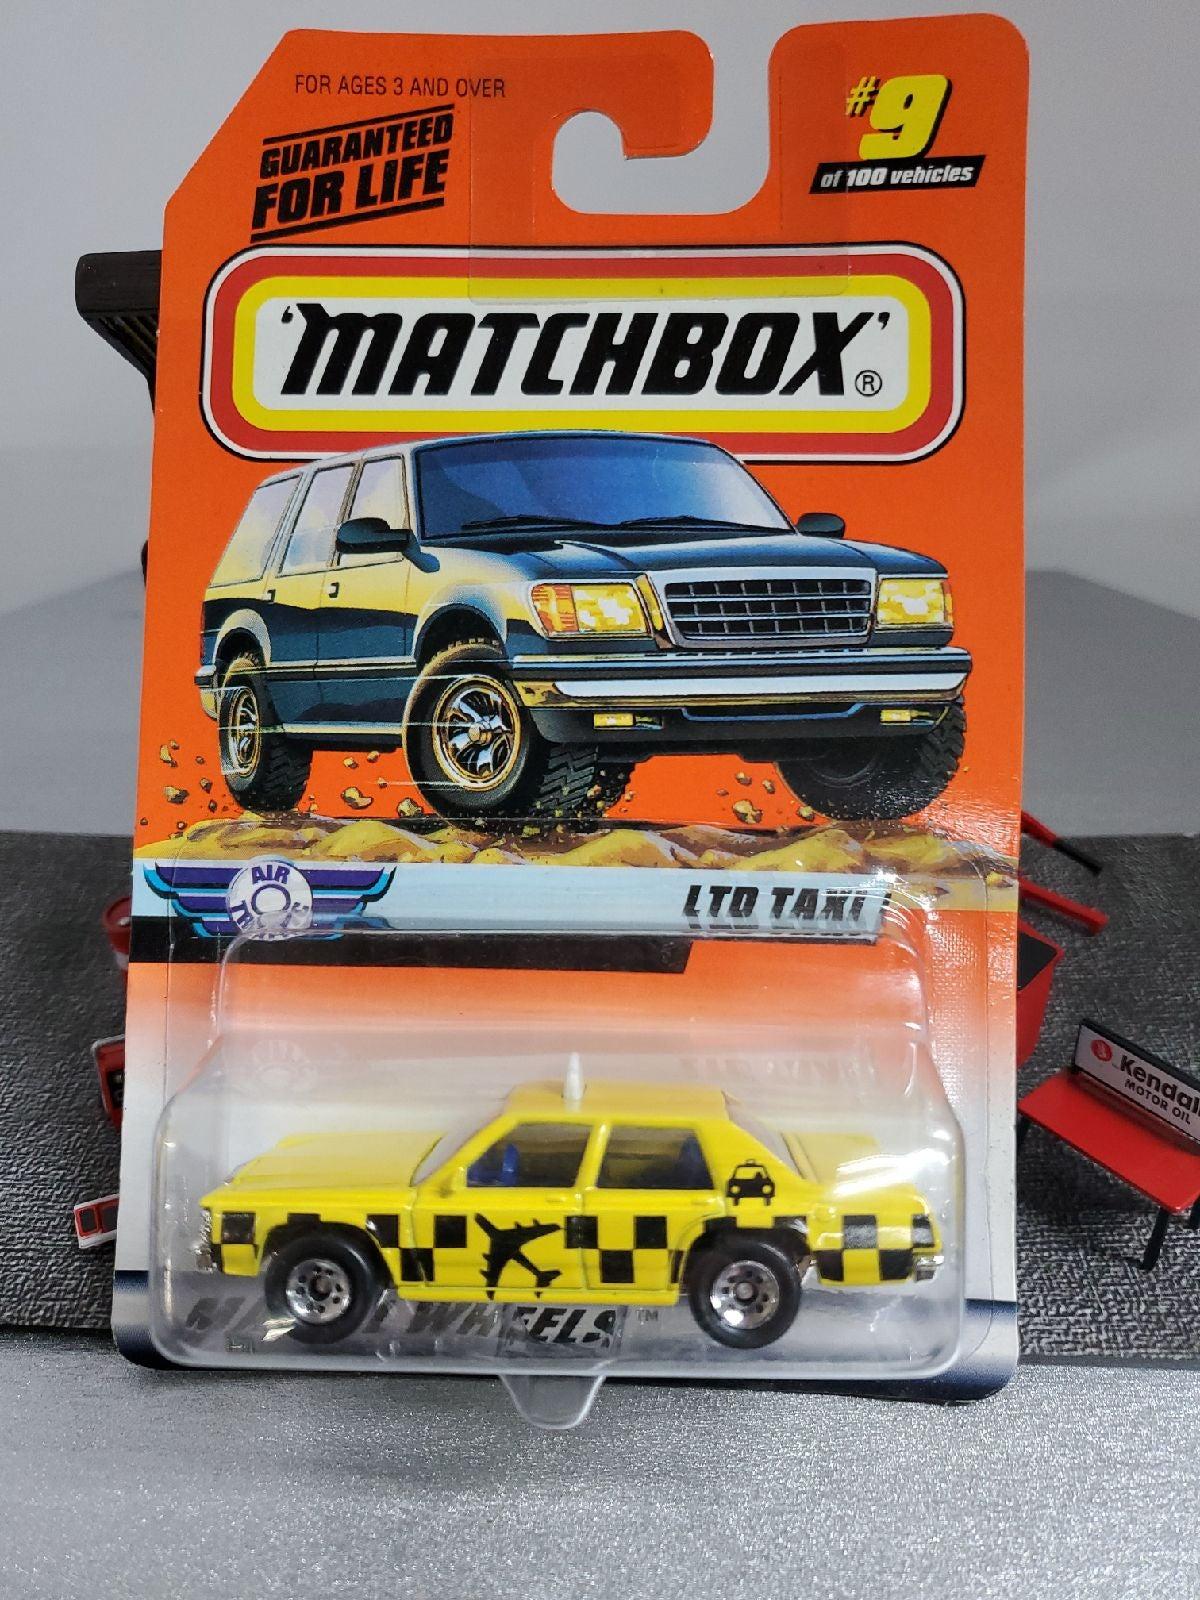 Matchbox Ford Ltd taxi